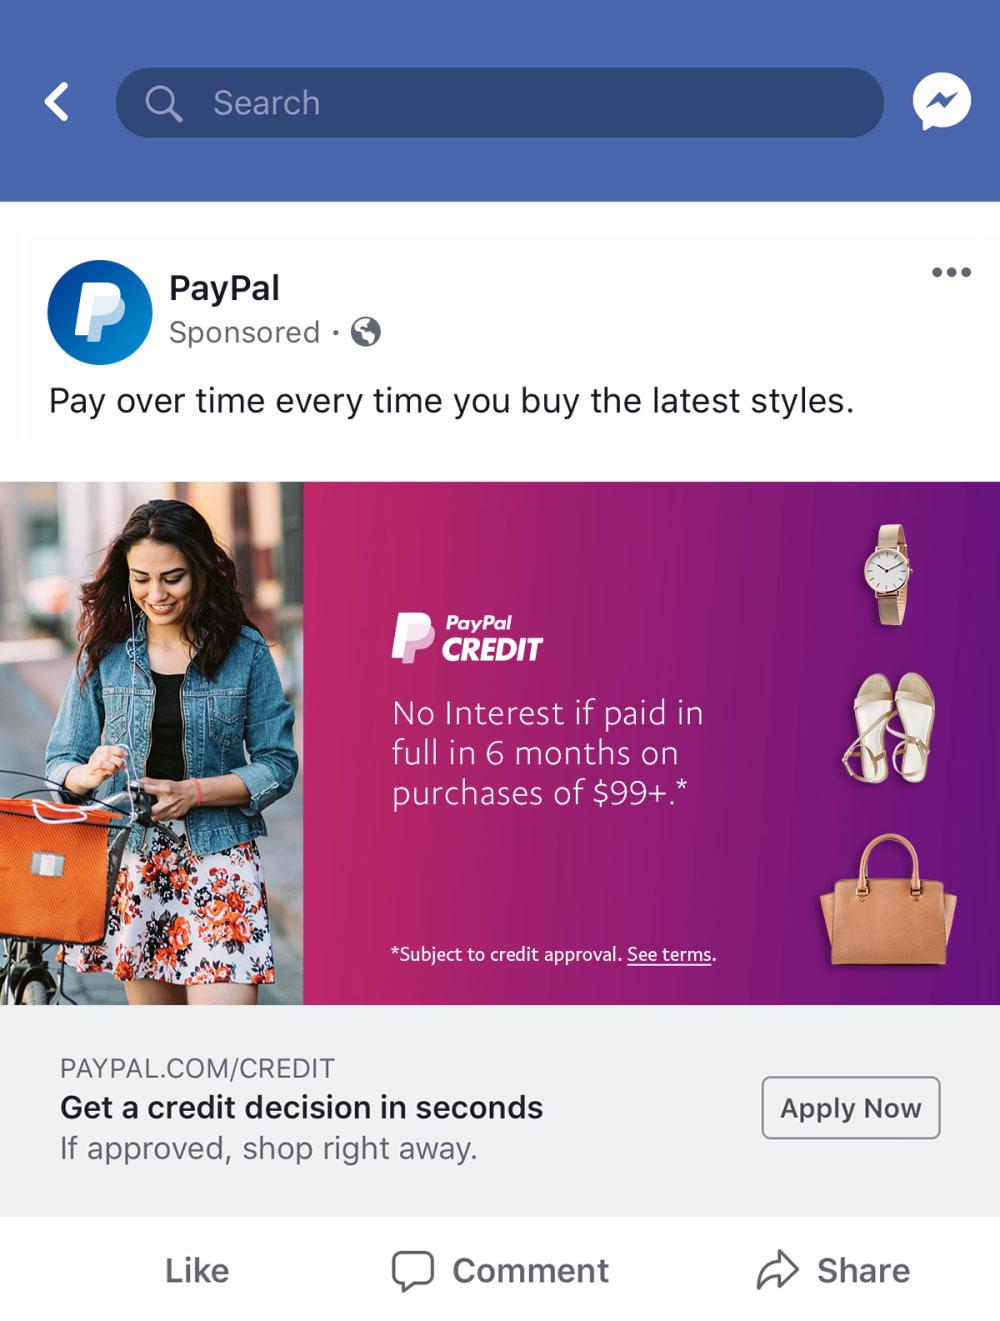 PayPal Credit Facebook 2 v2